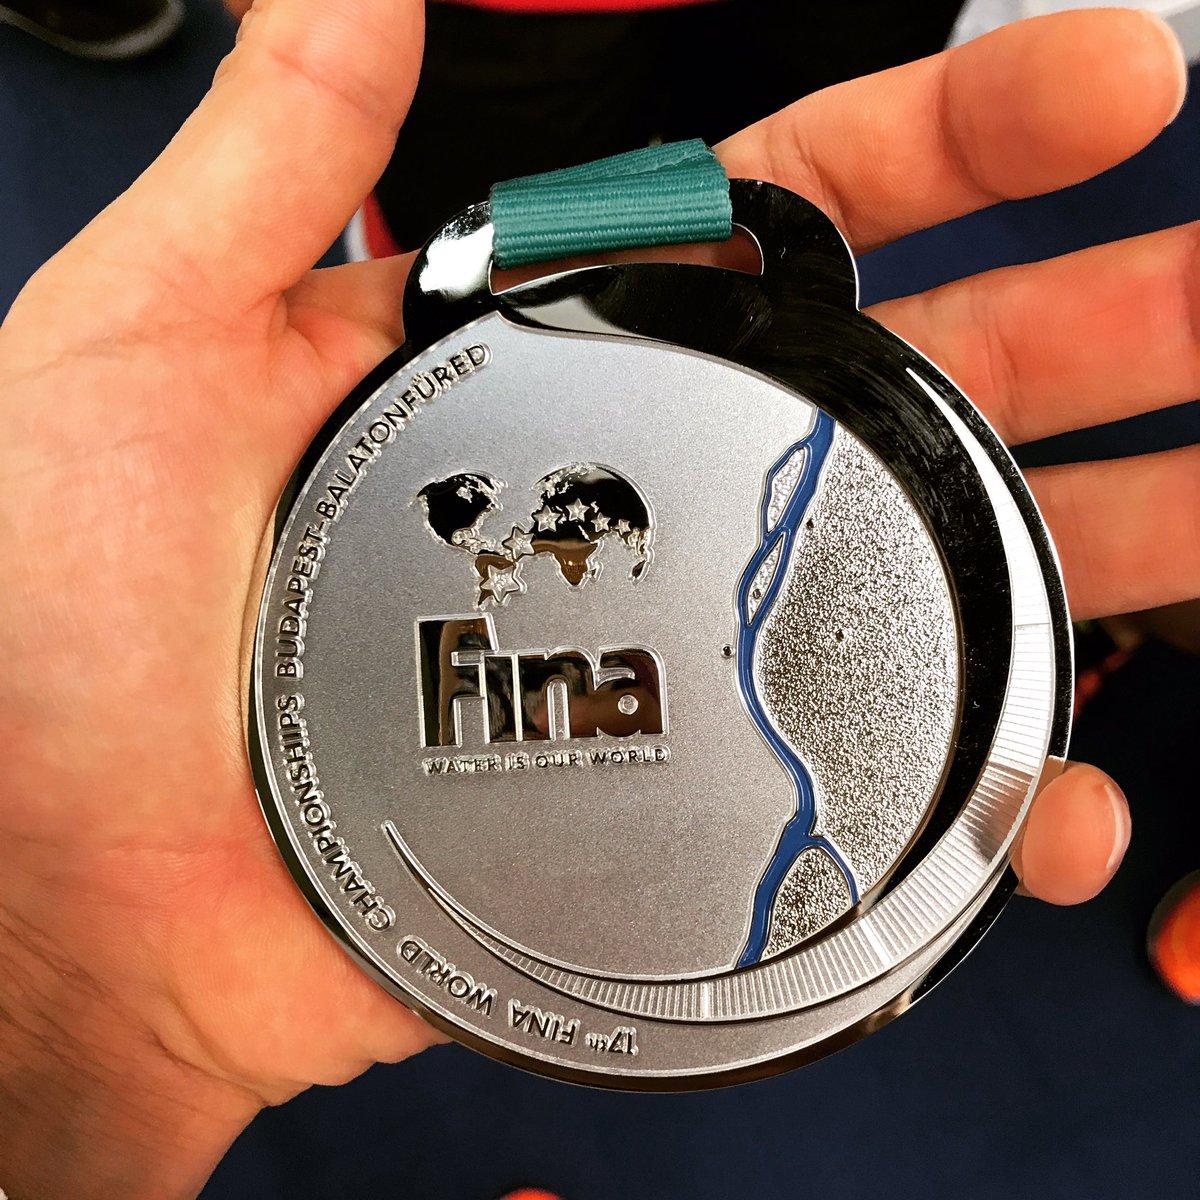 50m背泳ぎでは銀メダルでした。 悔しいですが受け止めて、次回大会では金メダルの獲得を目指します。 たくさんの応援ありがとうございました。 https://t.co/NgozdM3bGw